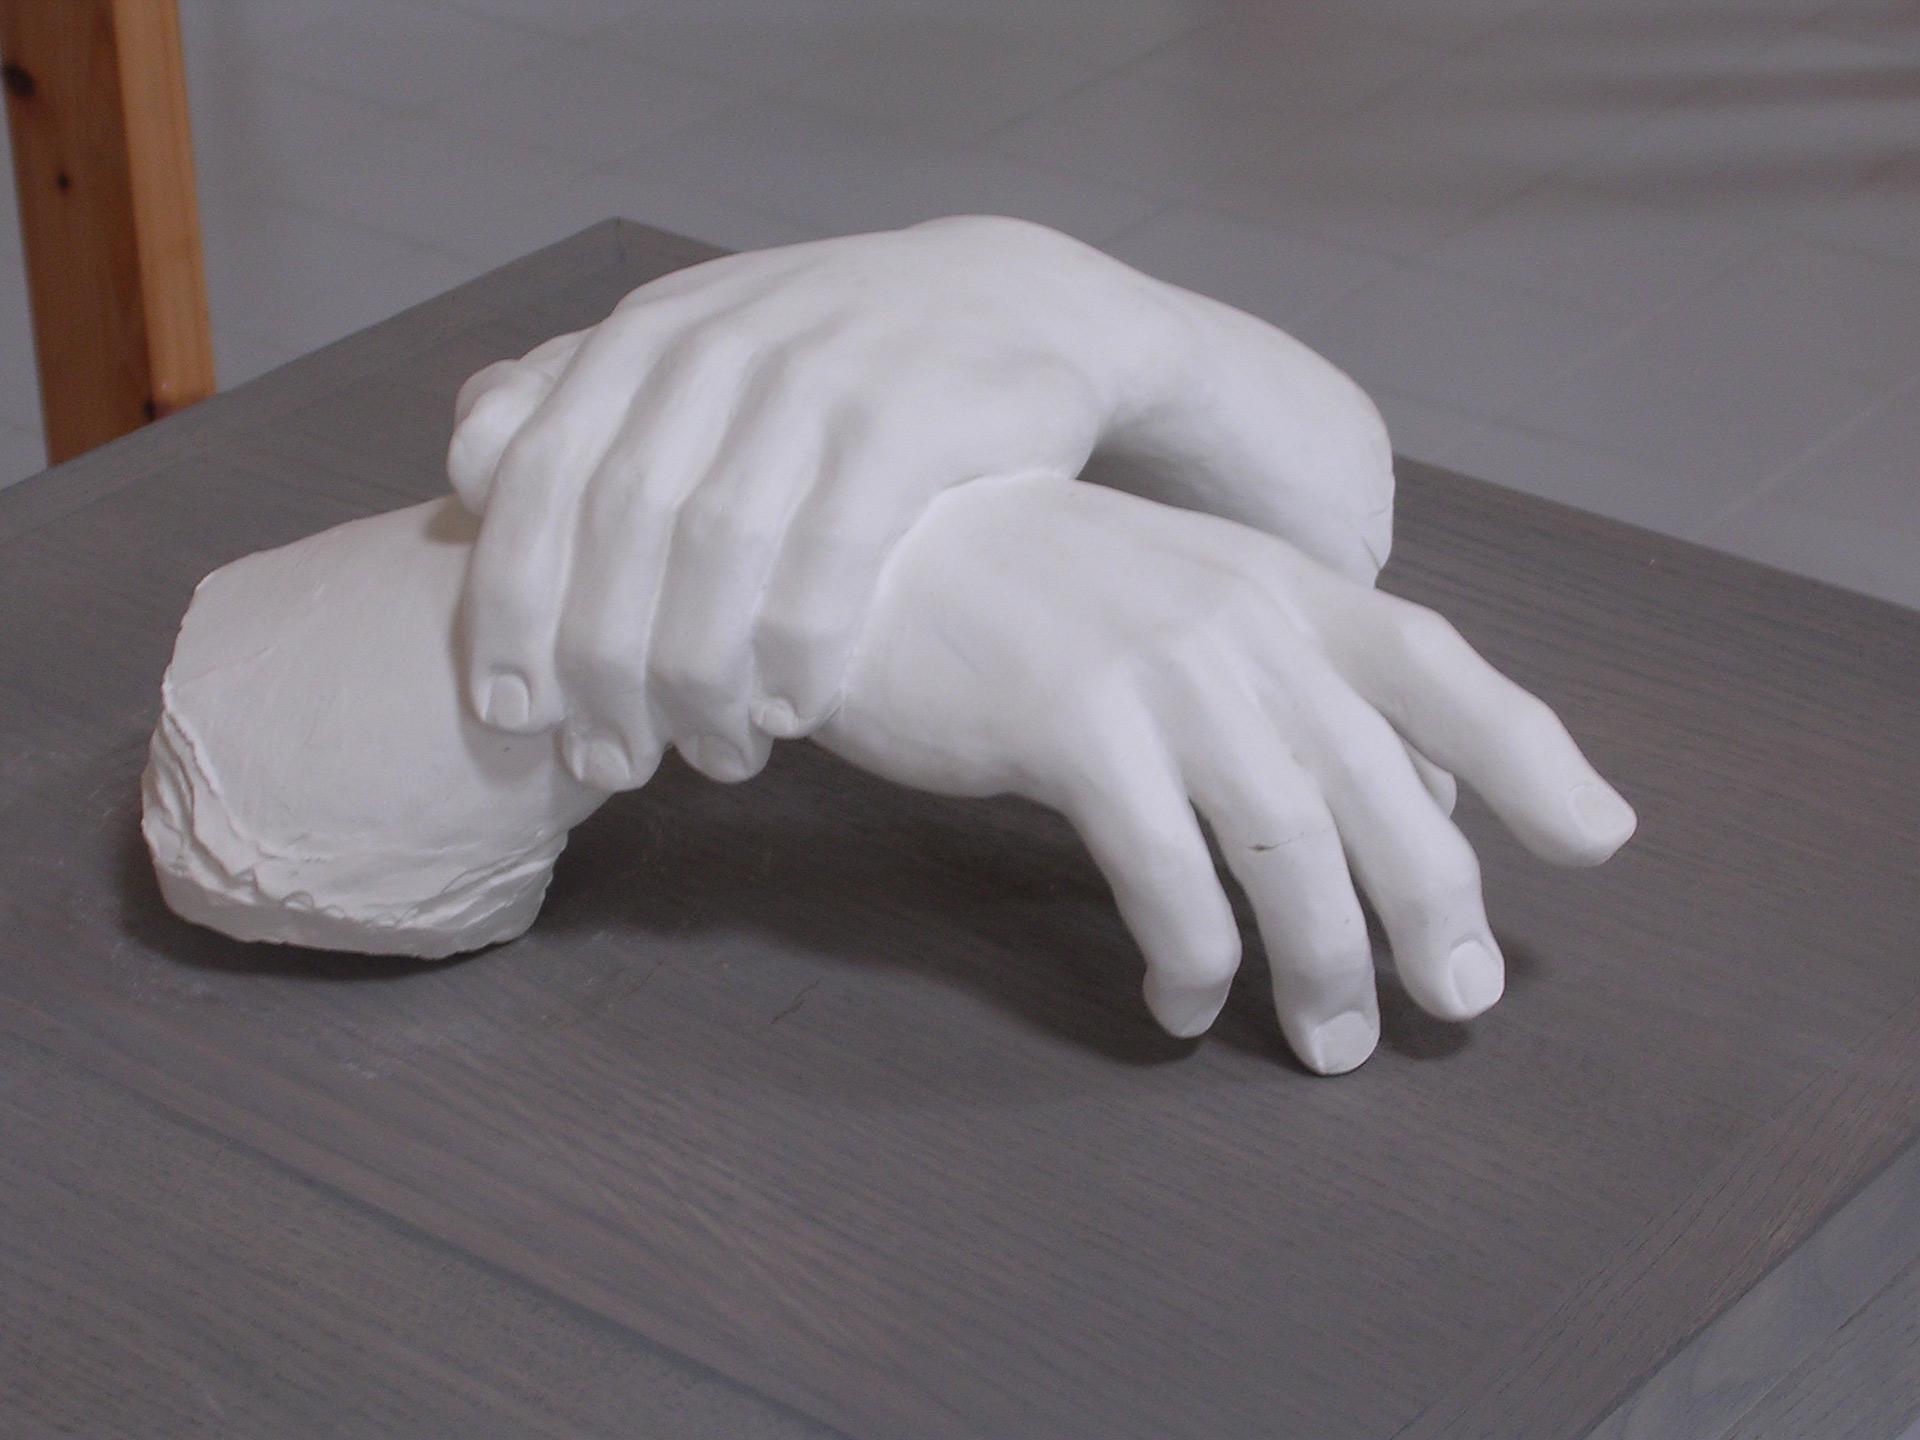 Petites mains-36cm-Platre-1